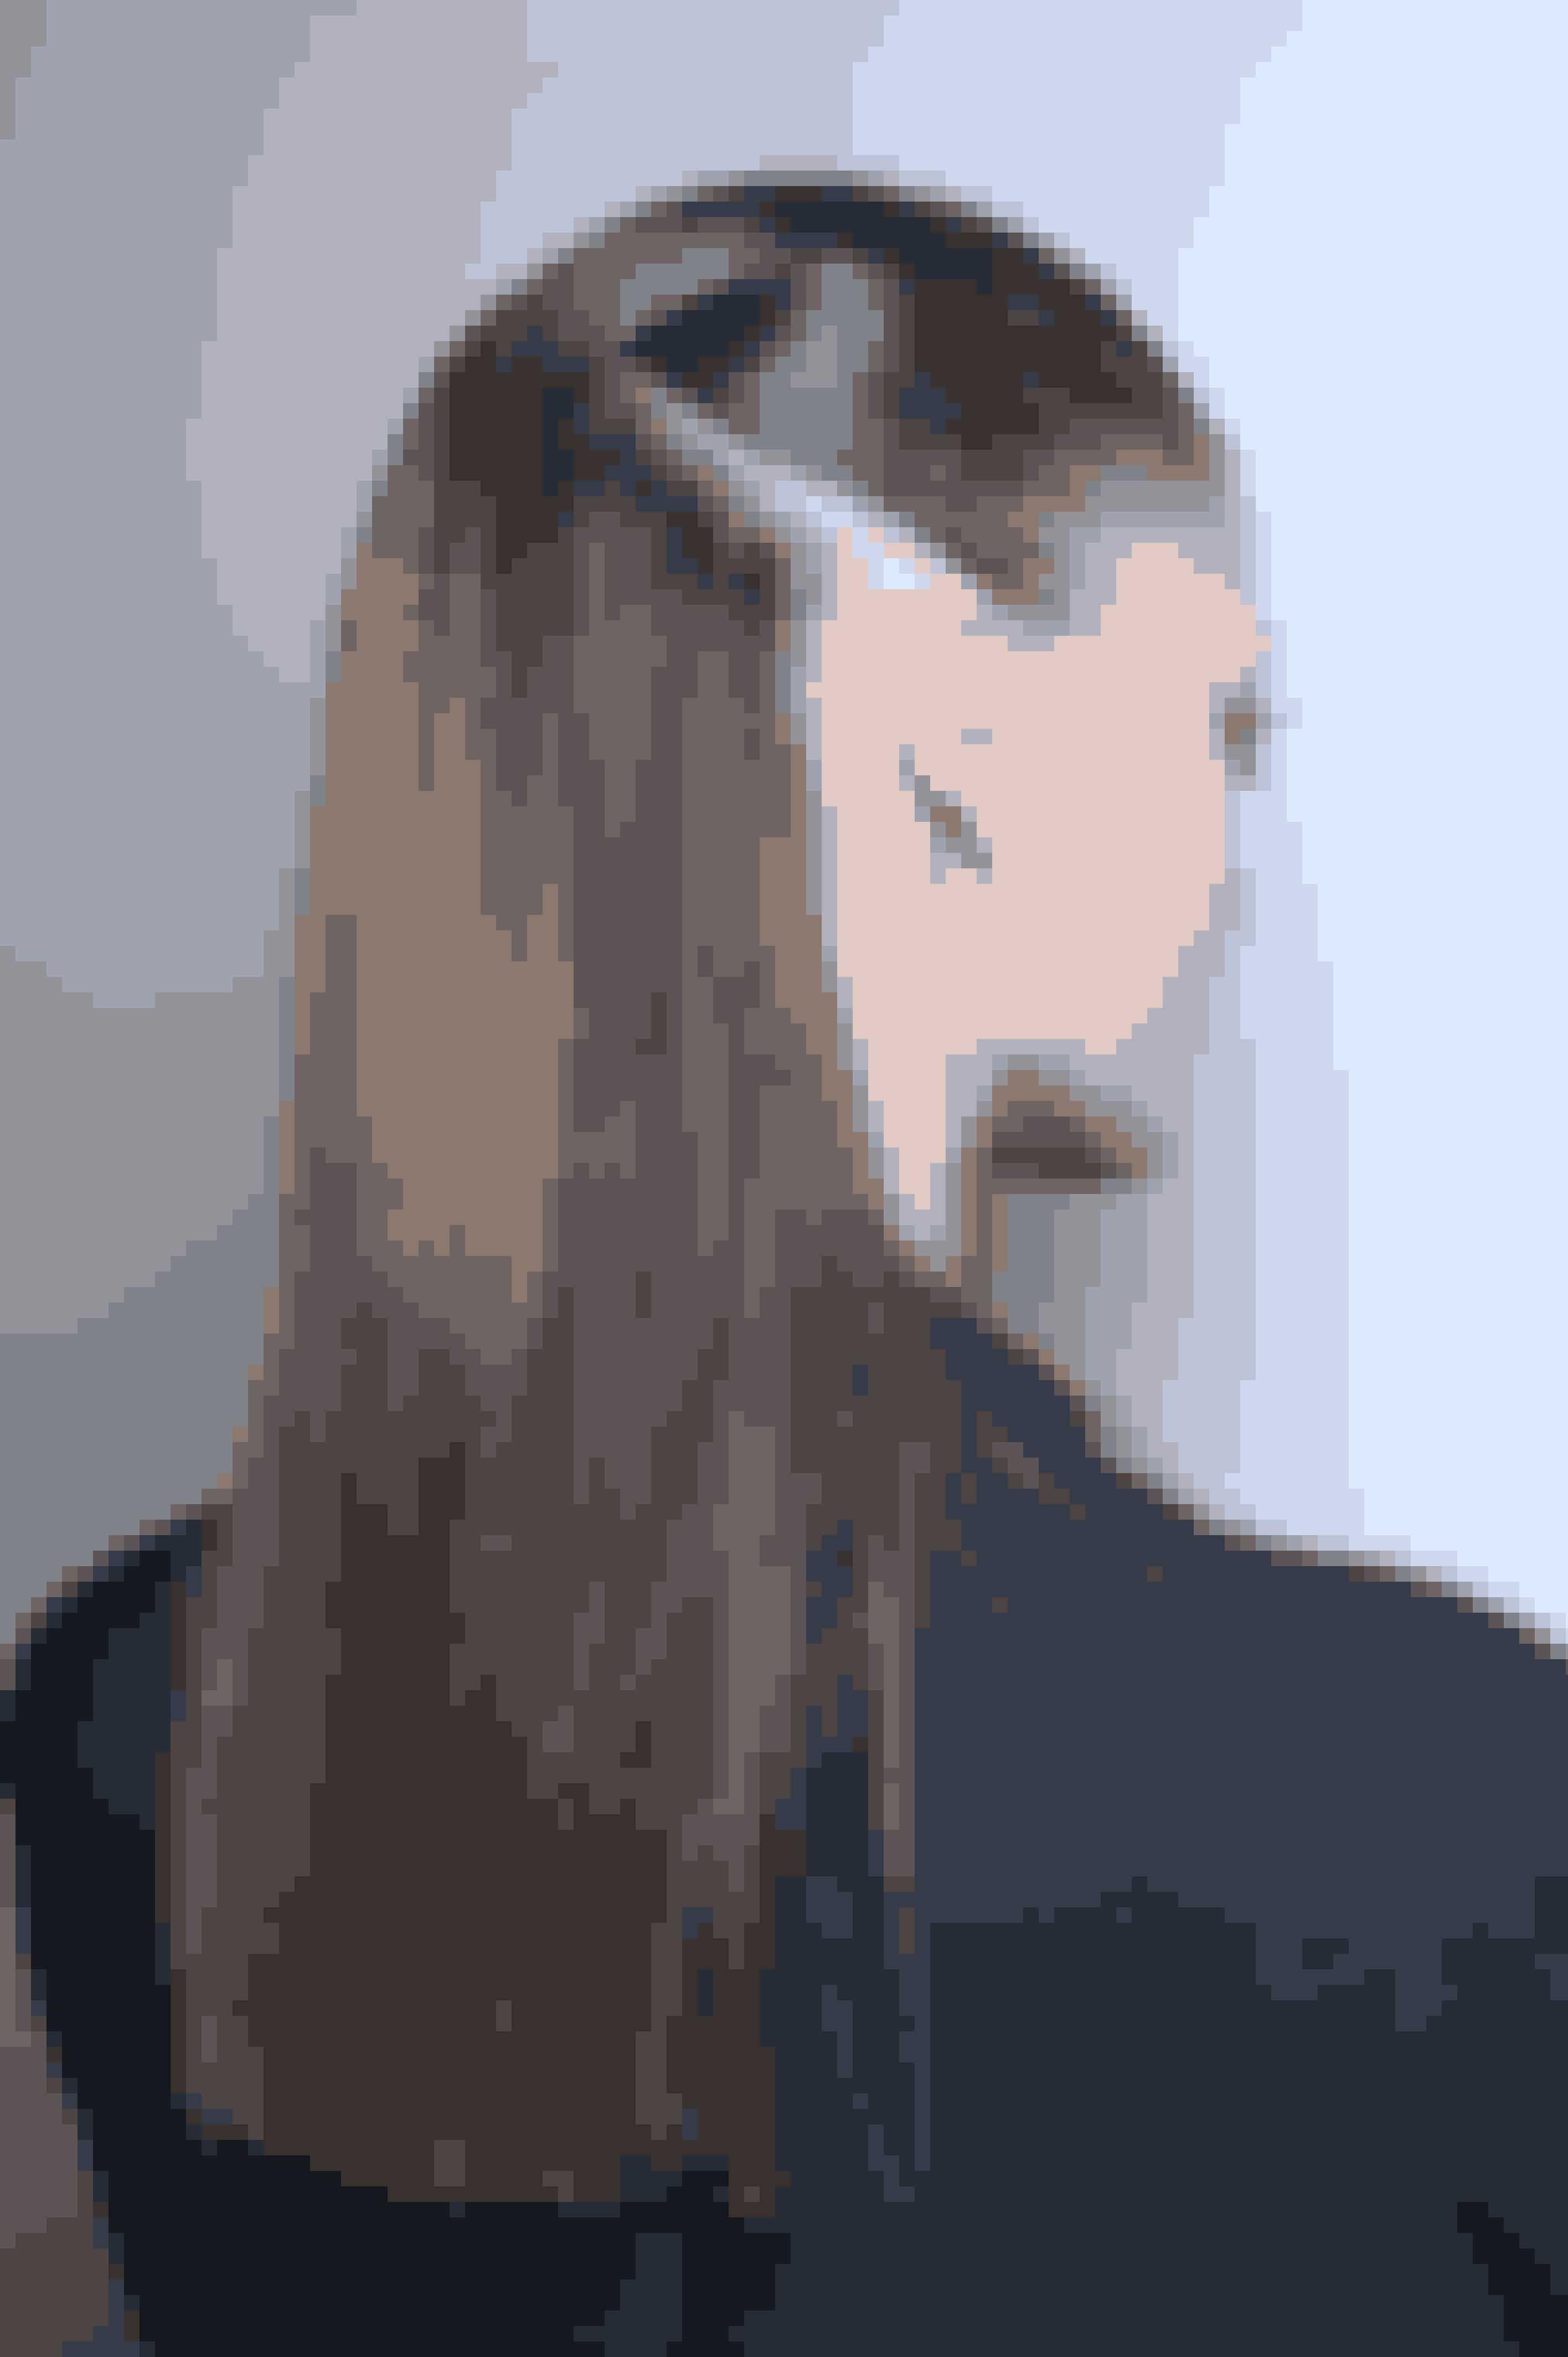 Få fyldigere hår og dæk din udgroningEr der lidt tid til, at du skal have dækket dine grå hår eller din udgroning hos frisøren – så brug en øjenskygge. Har du en naturlig øjenskygge uden glimmer i, kan du blot pensle dine hårrødder med farven og på den måde dække udgroningen og få håret til at syne fyldigere.